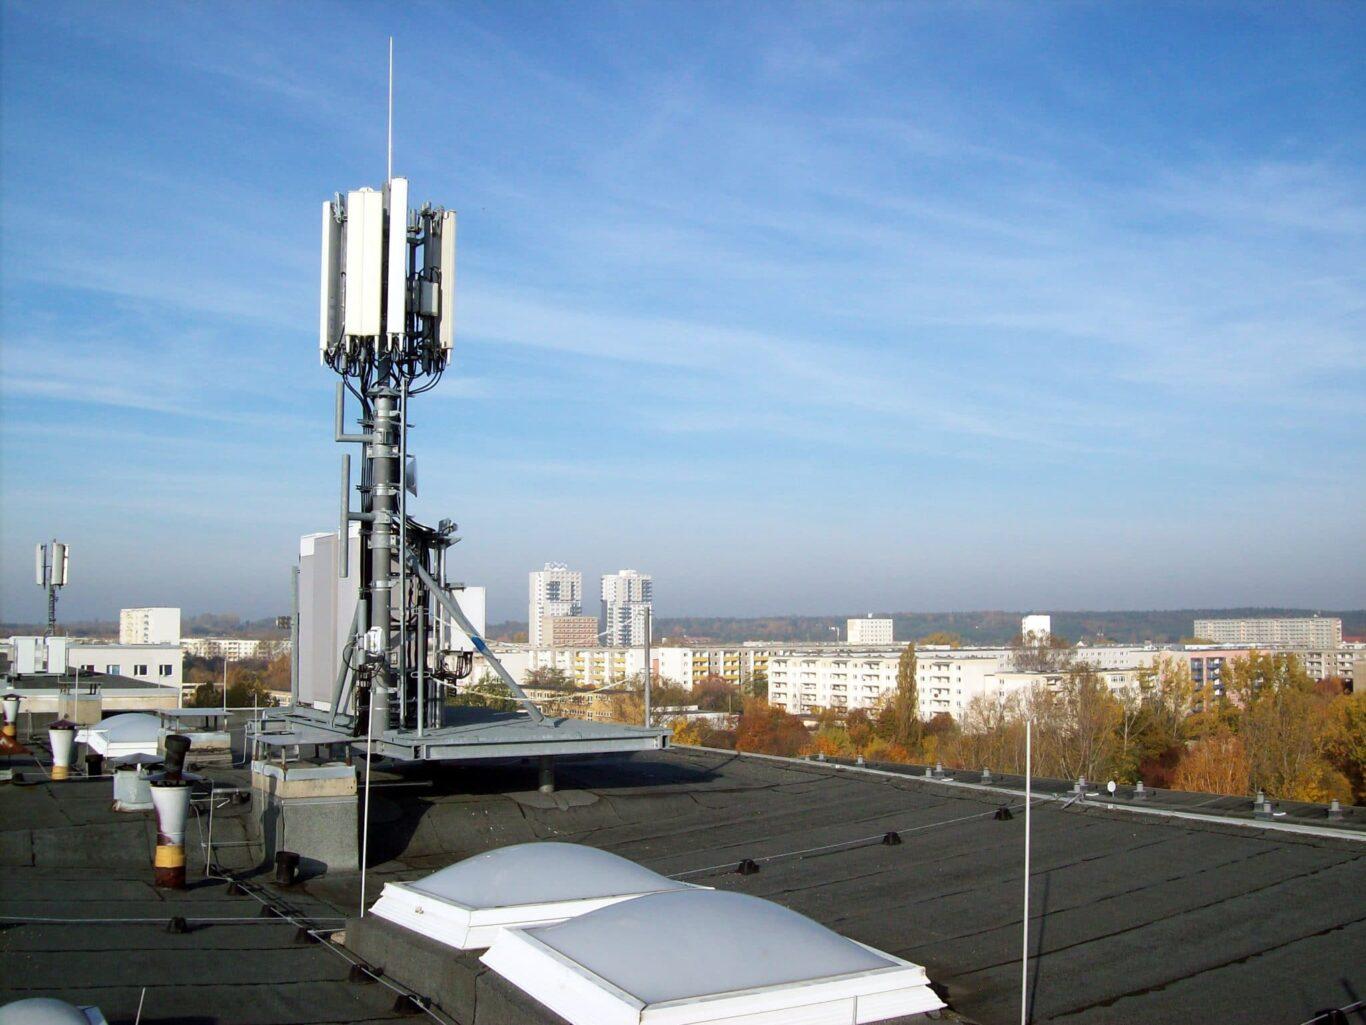 LTE Antenne in Halle-Neustadt | Bild: © O2